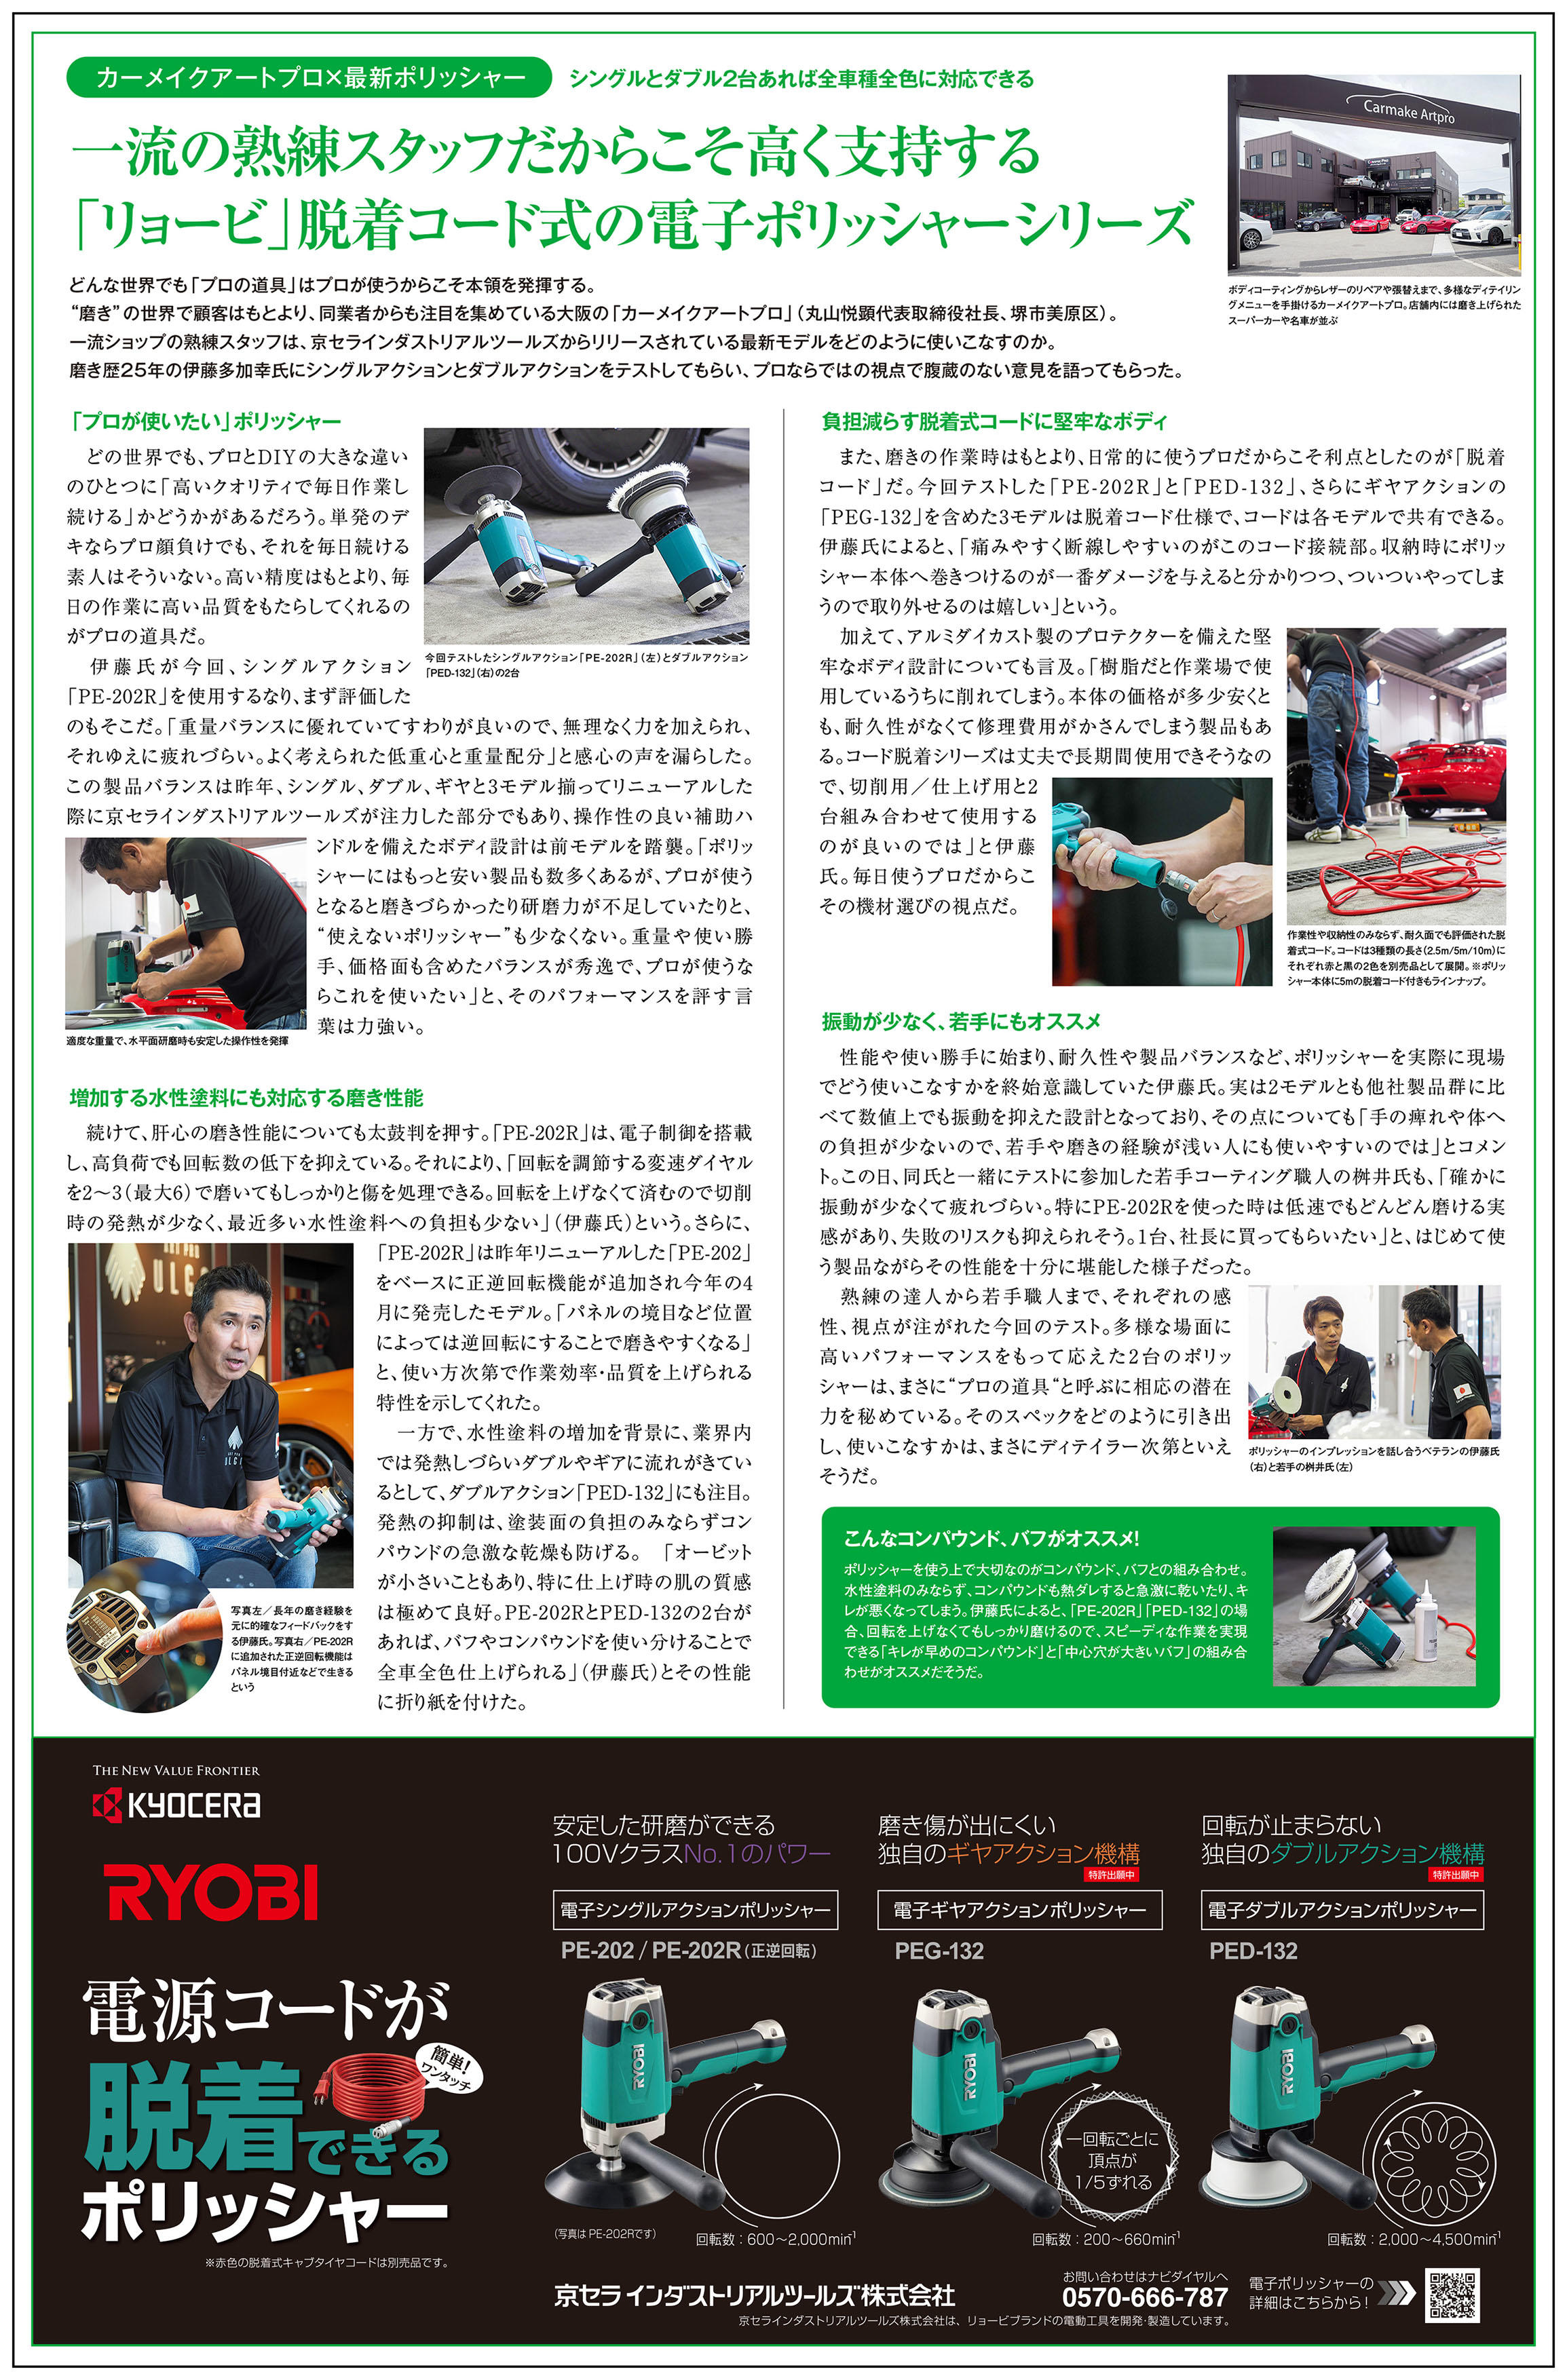 CDN_19年6月25日発売号_PE,PED.jpg